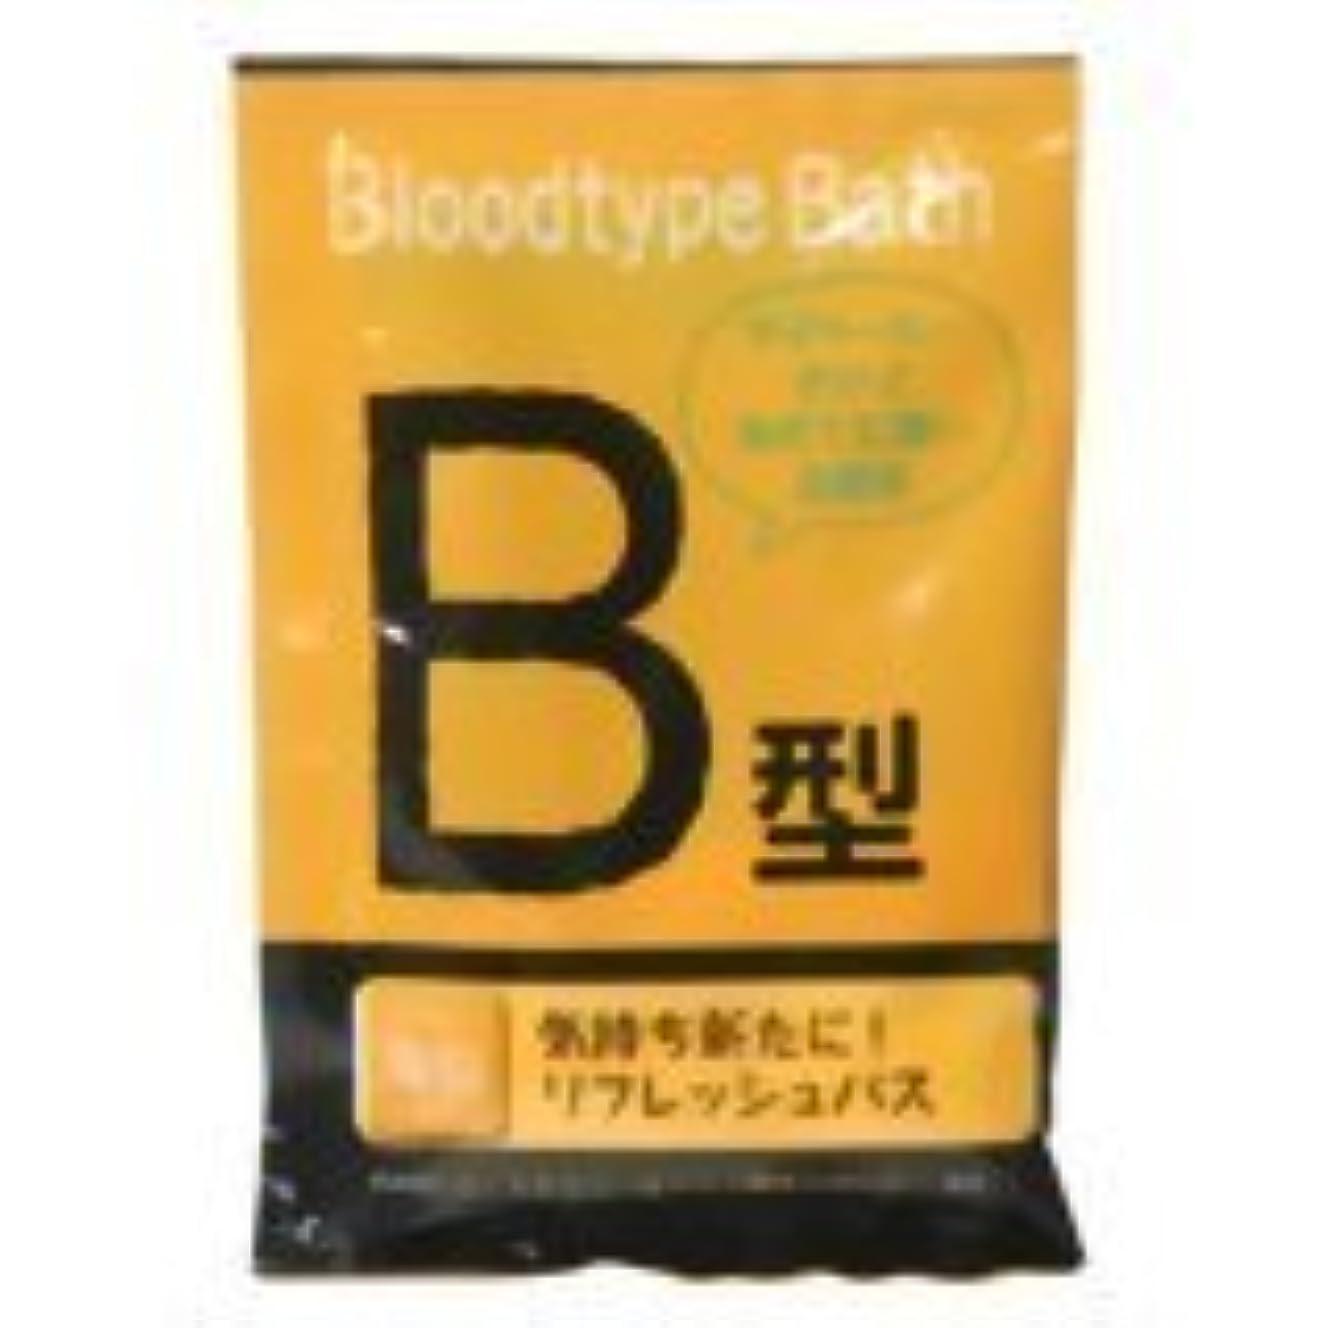 バレル加速するペンフレンド紀陽除虫菊 ブラッドタイプバス B【まとめ買い12個セット】 N-8251